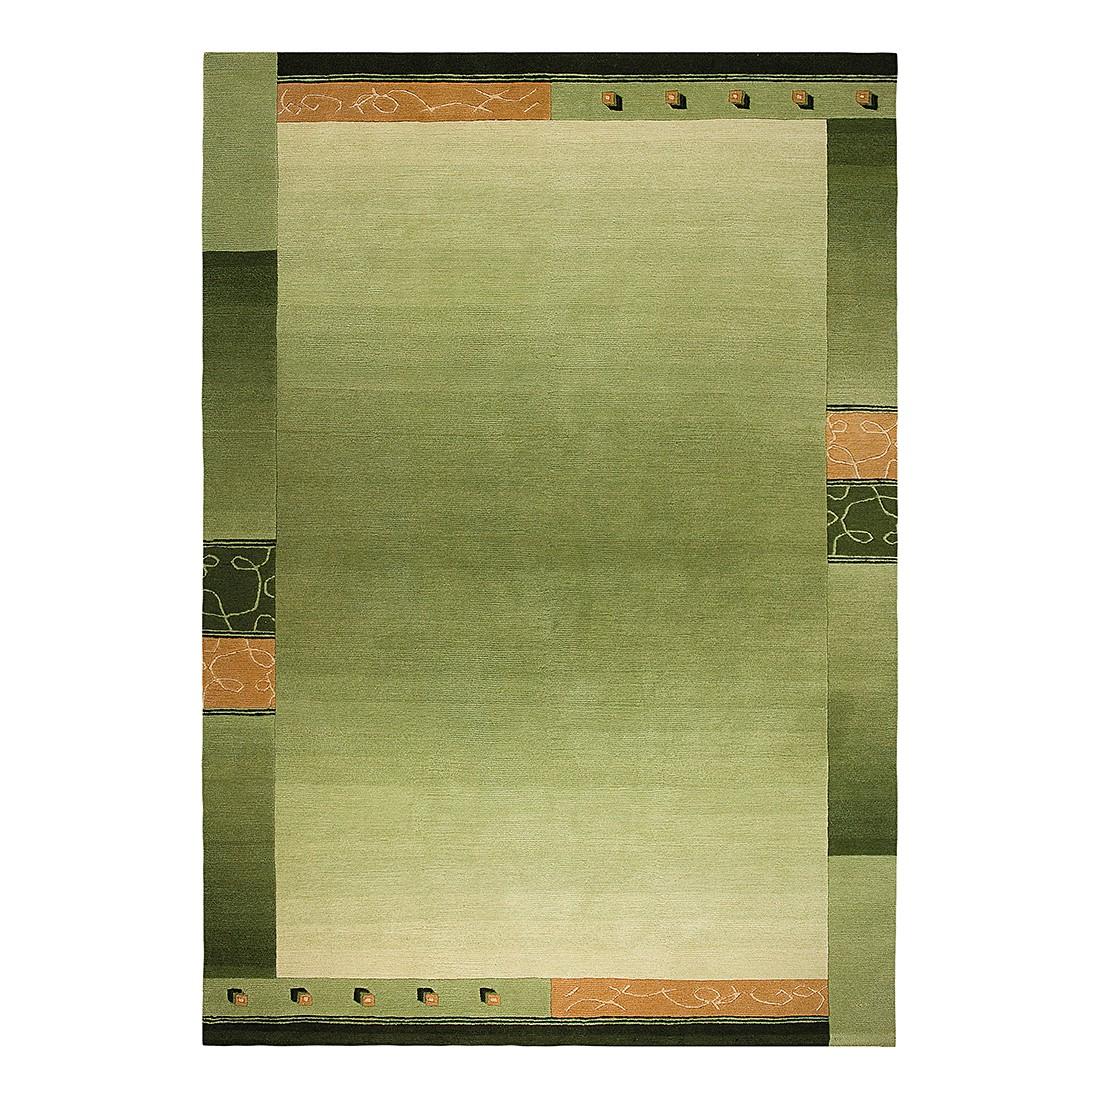 Teppich Super Q – Wolle/ Hellgrün – 140 cm x 200 cm, Luxor living günstig kaufen